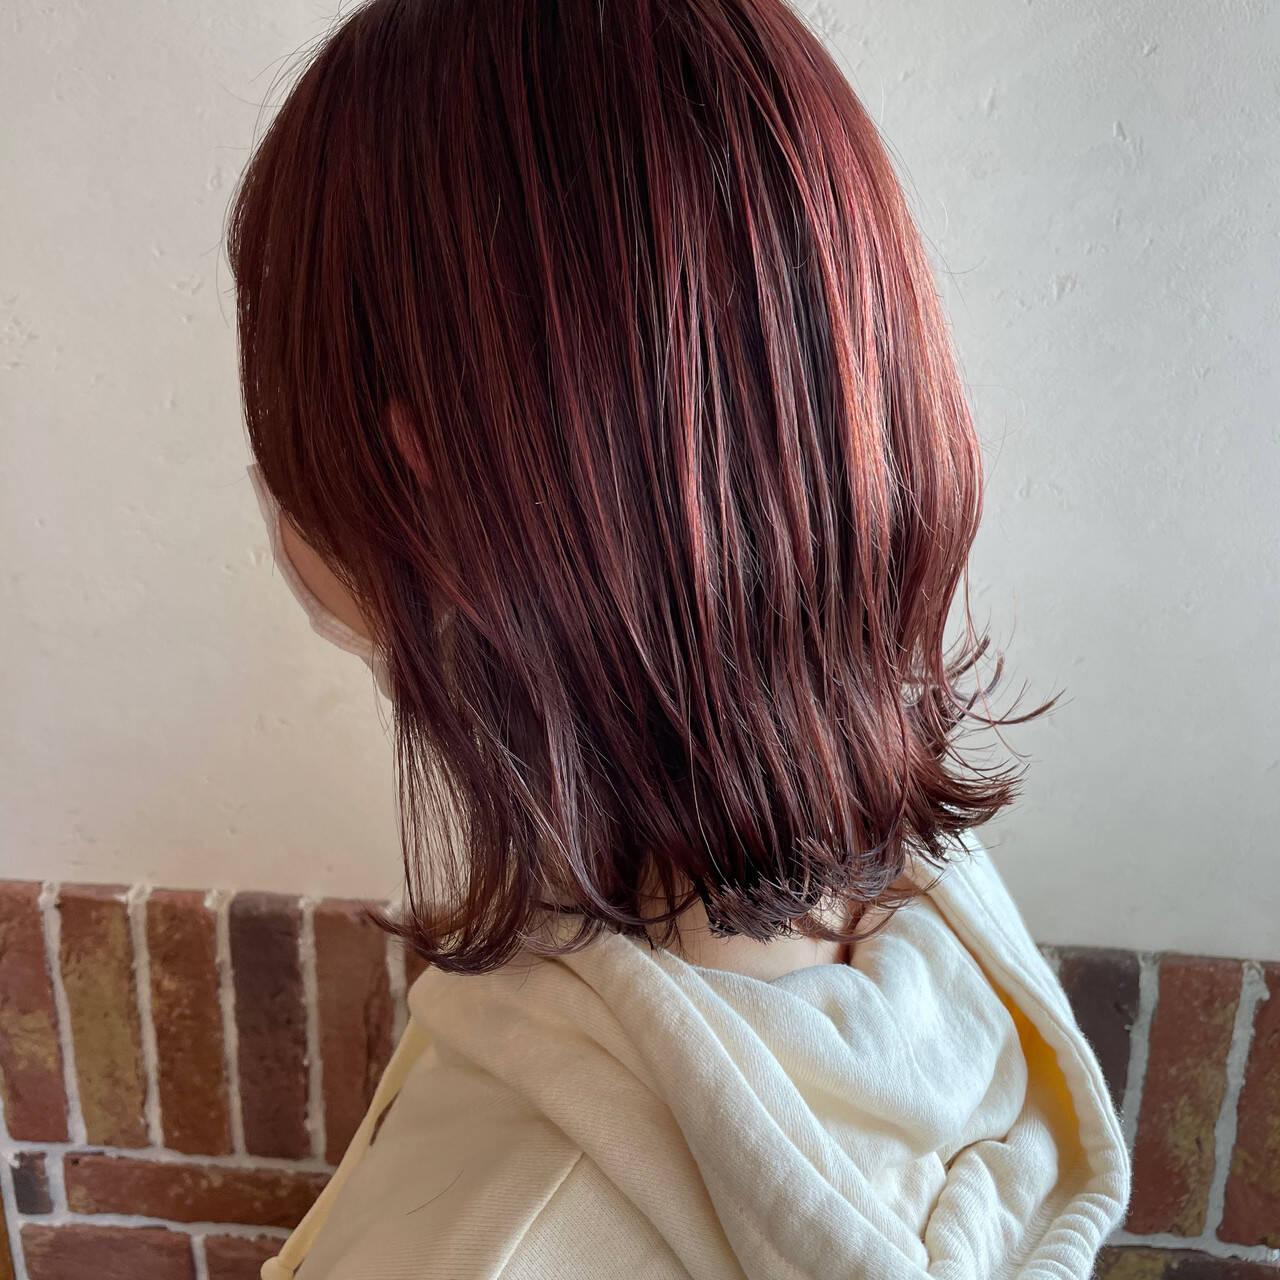 ハイライト ラベンダーピンク ピンク 外ハネボブヘアスタイルや髪型の写真・画像